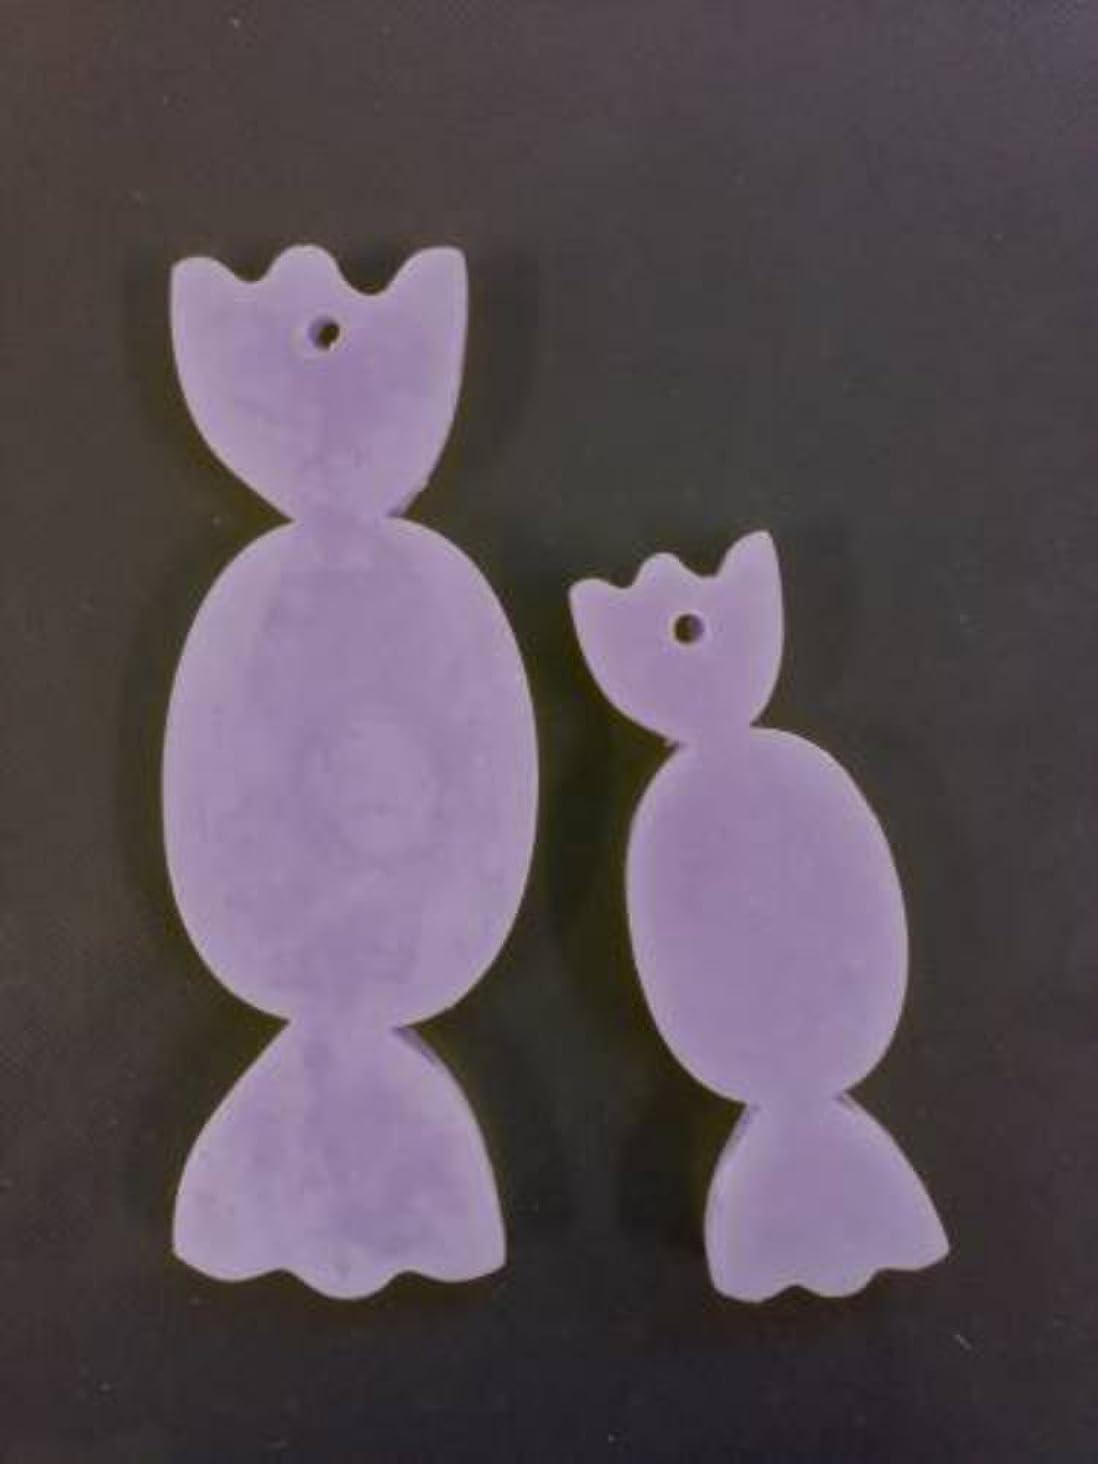 穴透明に悪化するGRASSE TOKYO AROMATICWAXチャーム「あめだま2個」(PU) ラベンダー アロマティックワックス グラーストウキョウ